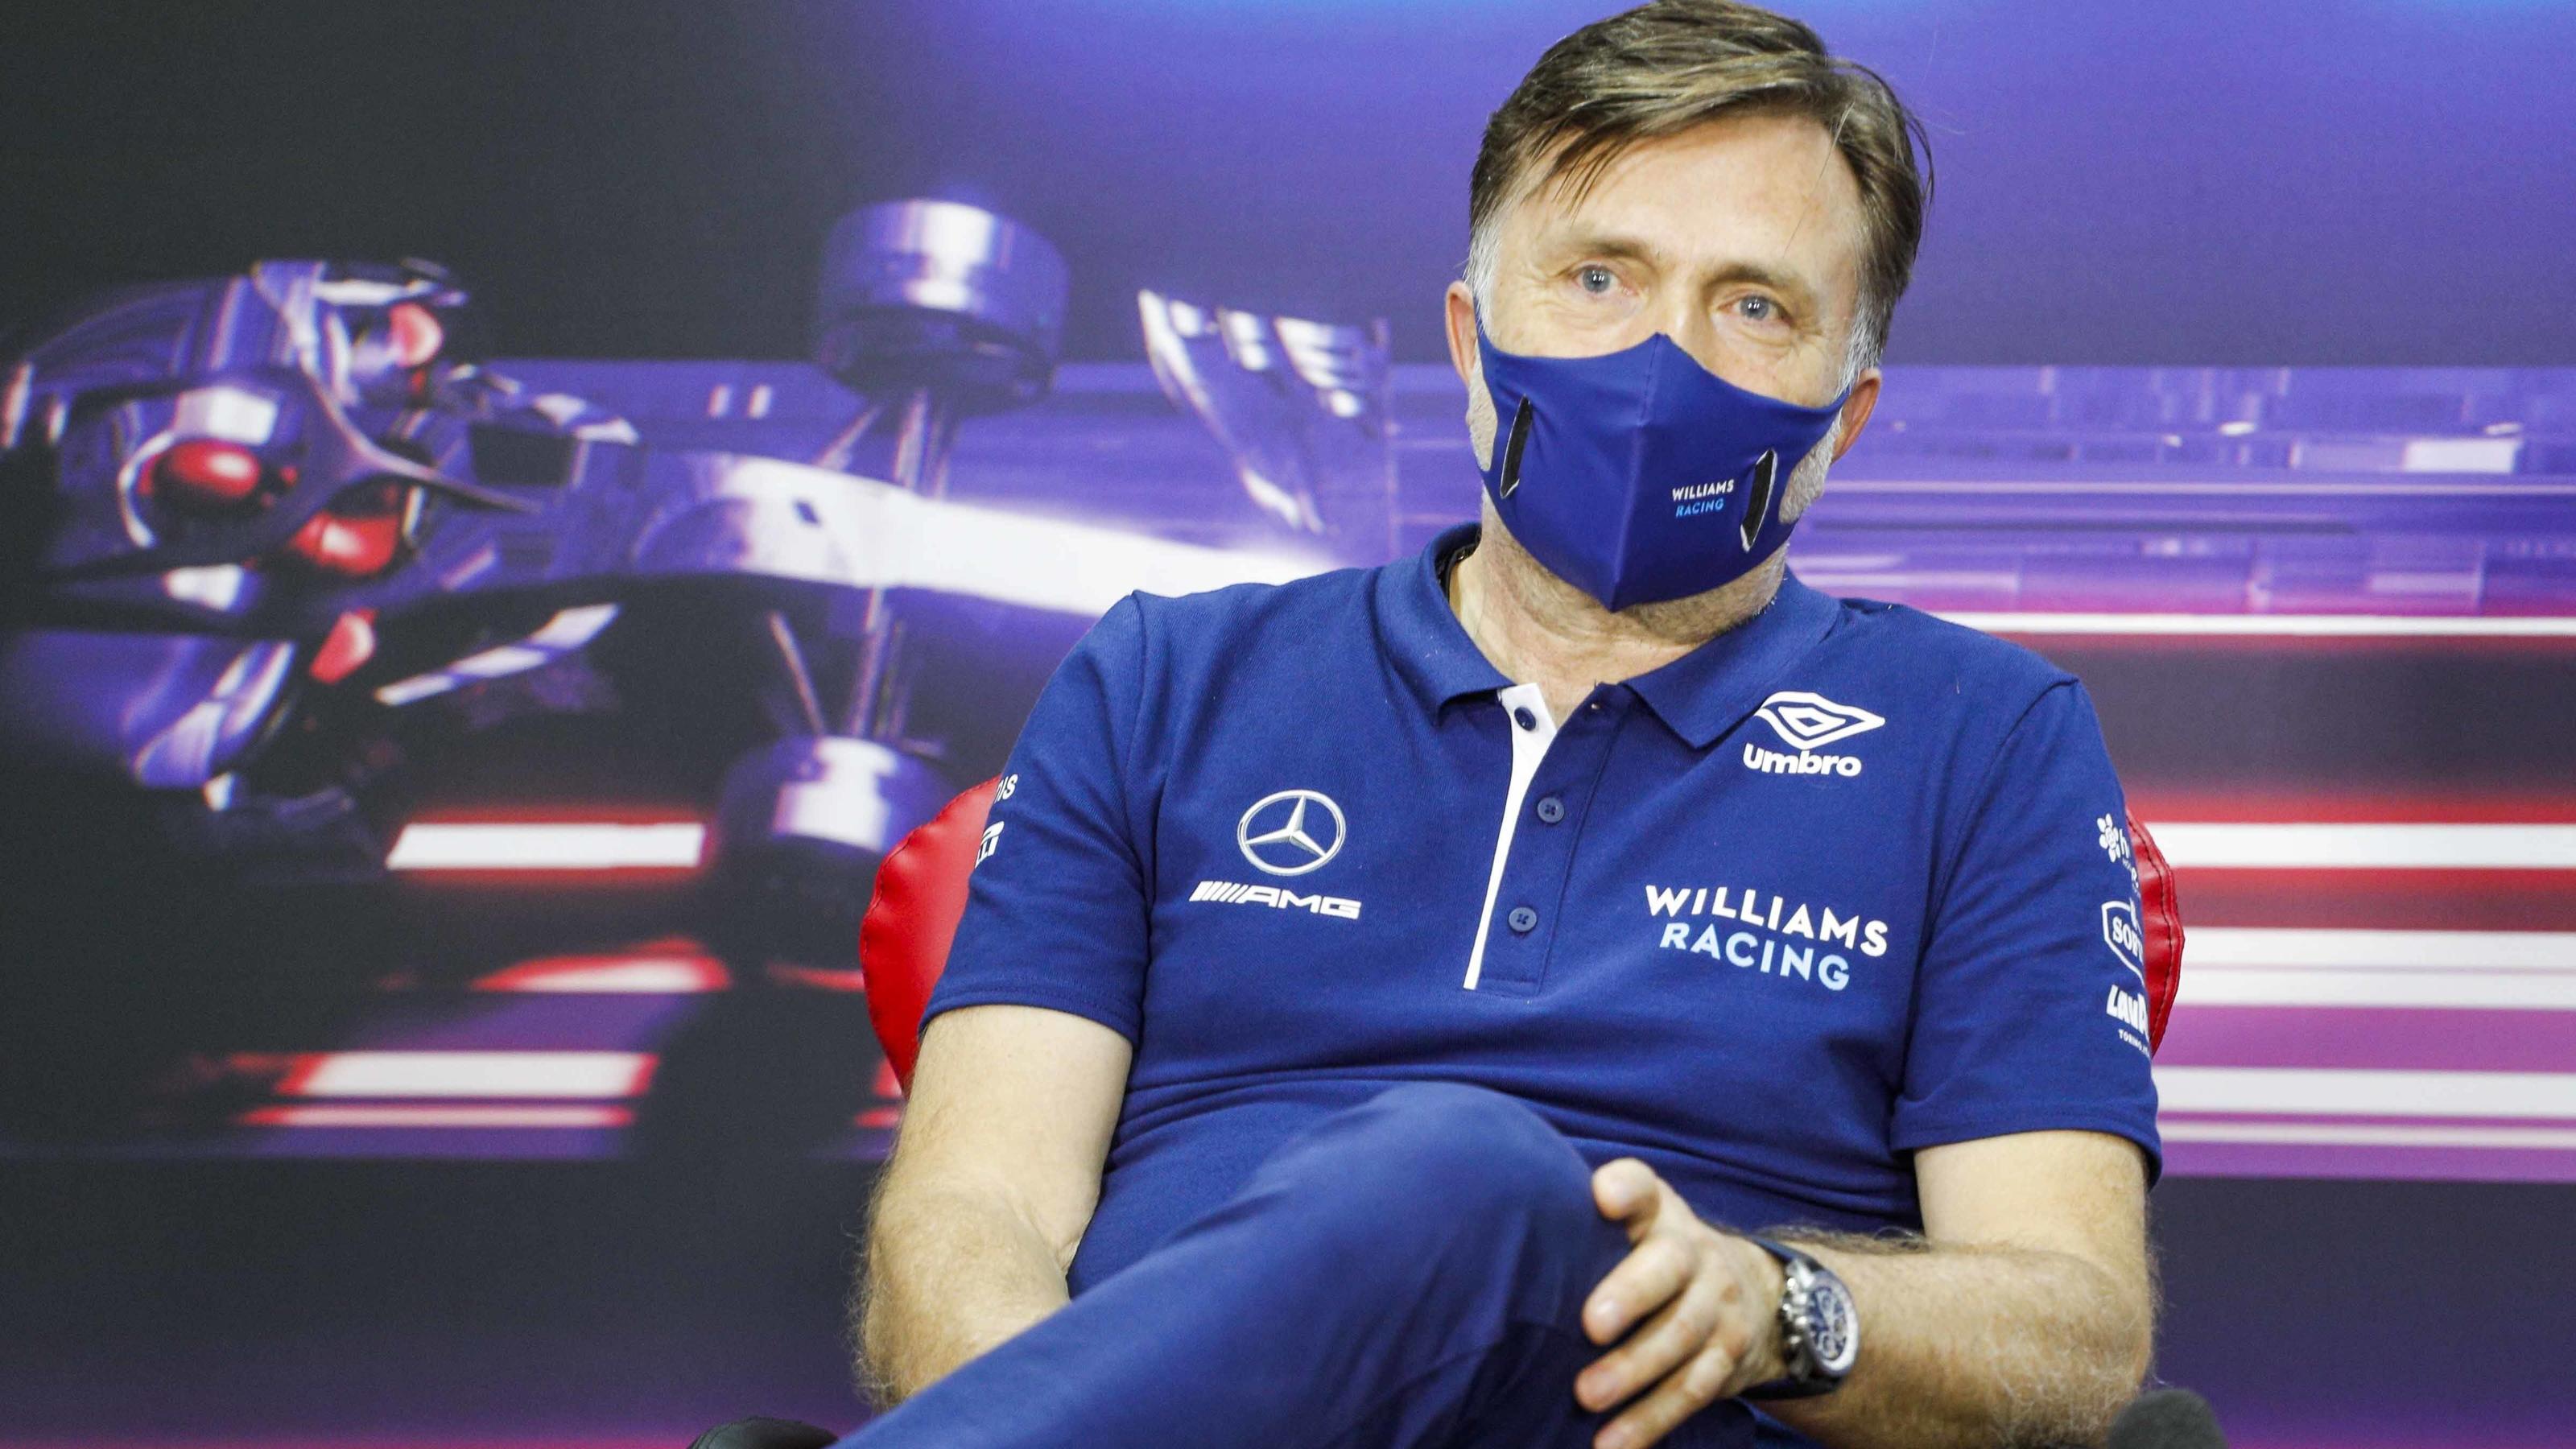 """Formel 1 - Jost Capito über Mercedes-Motor: """"Spüren nicht, dass da ein großer Schritt gemacht worden ist"""""""